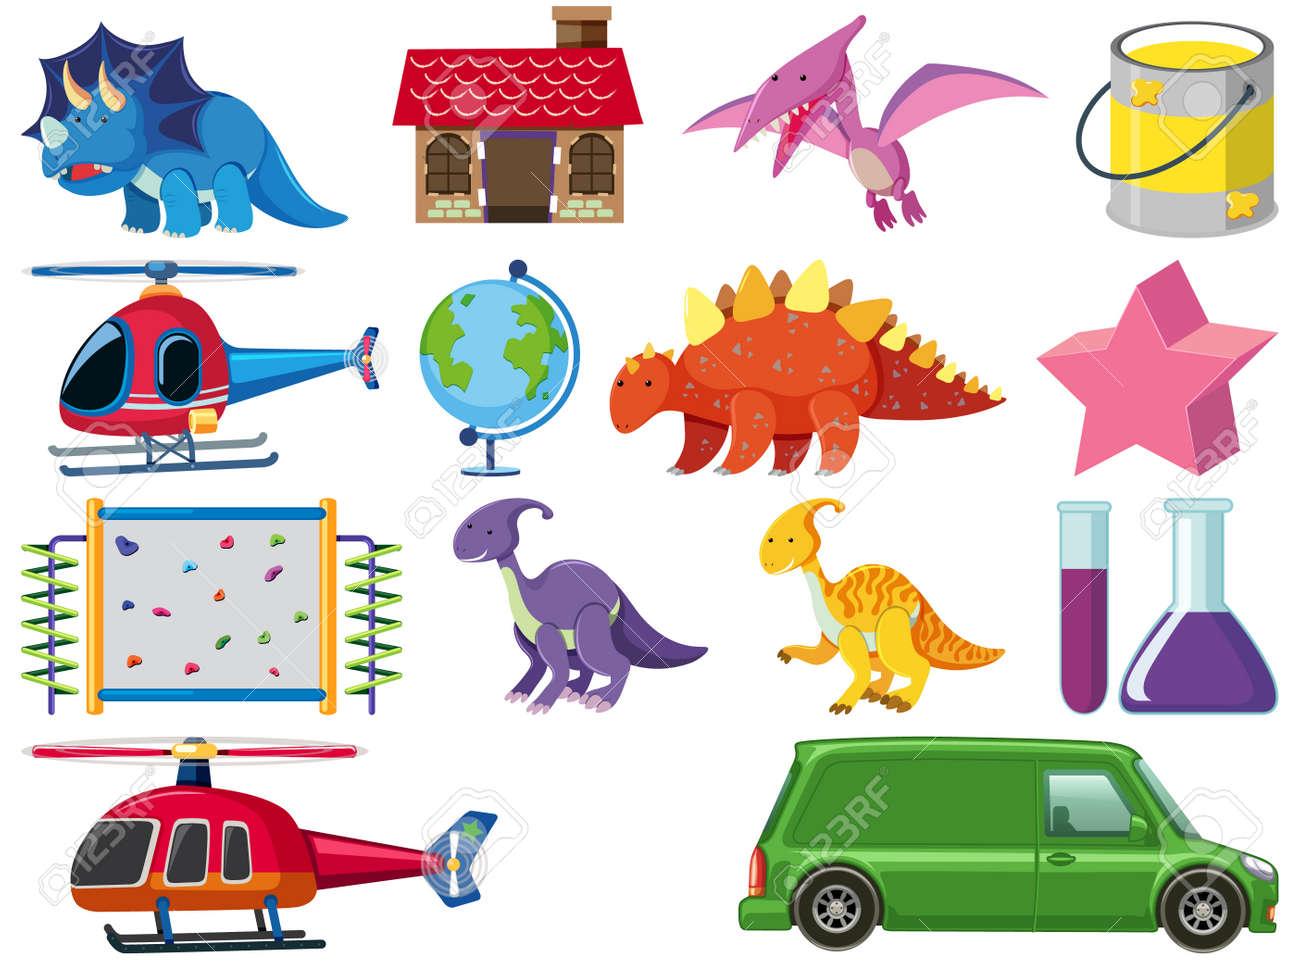 Set of children toys illustration - 159933876